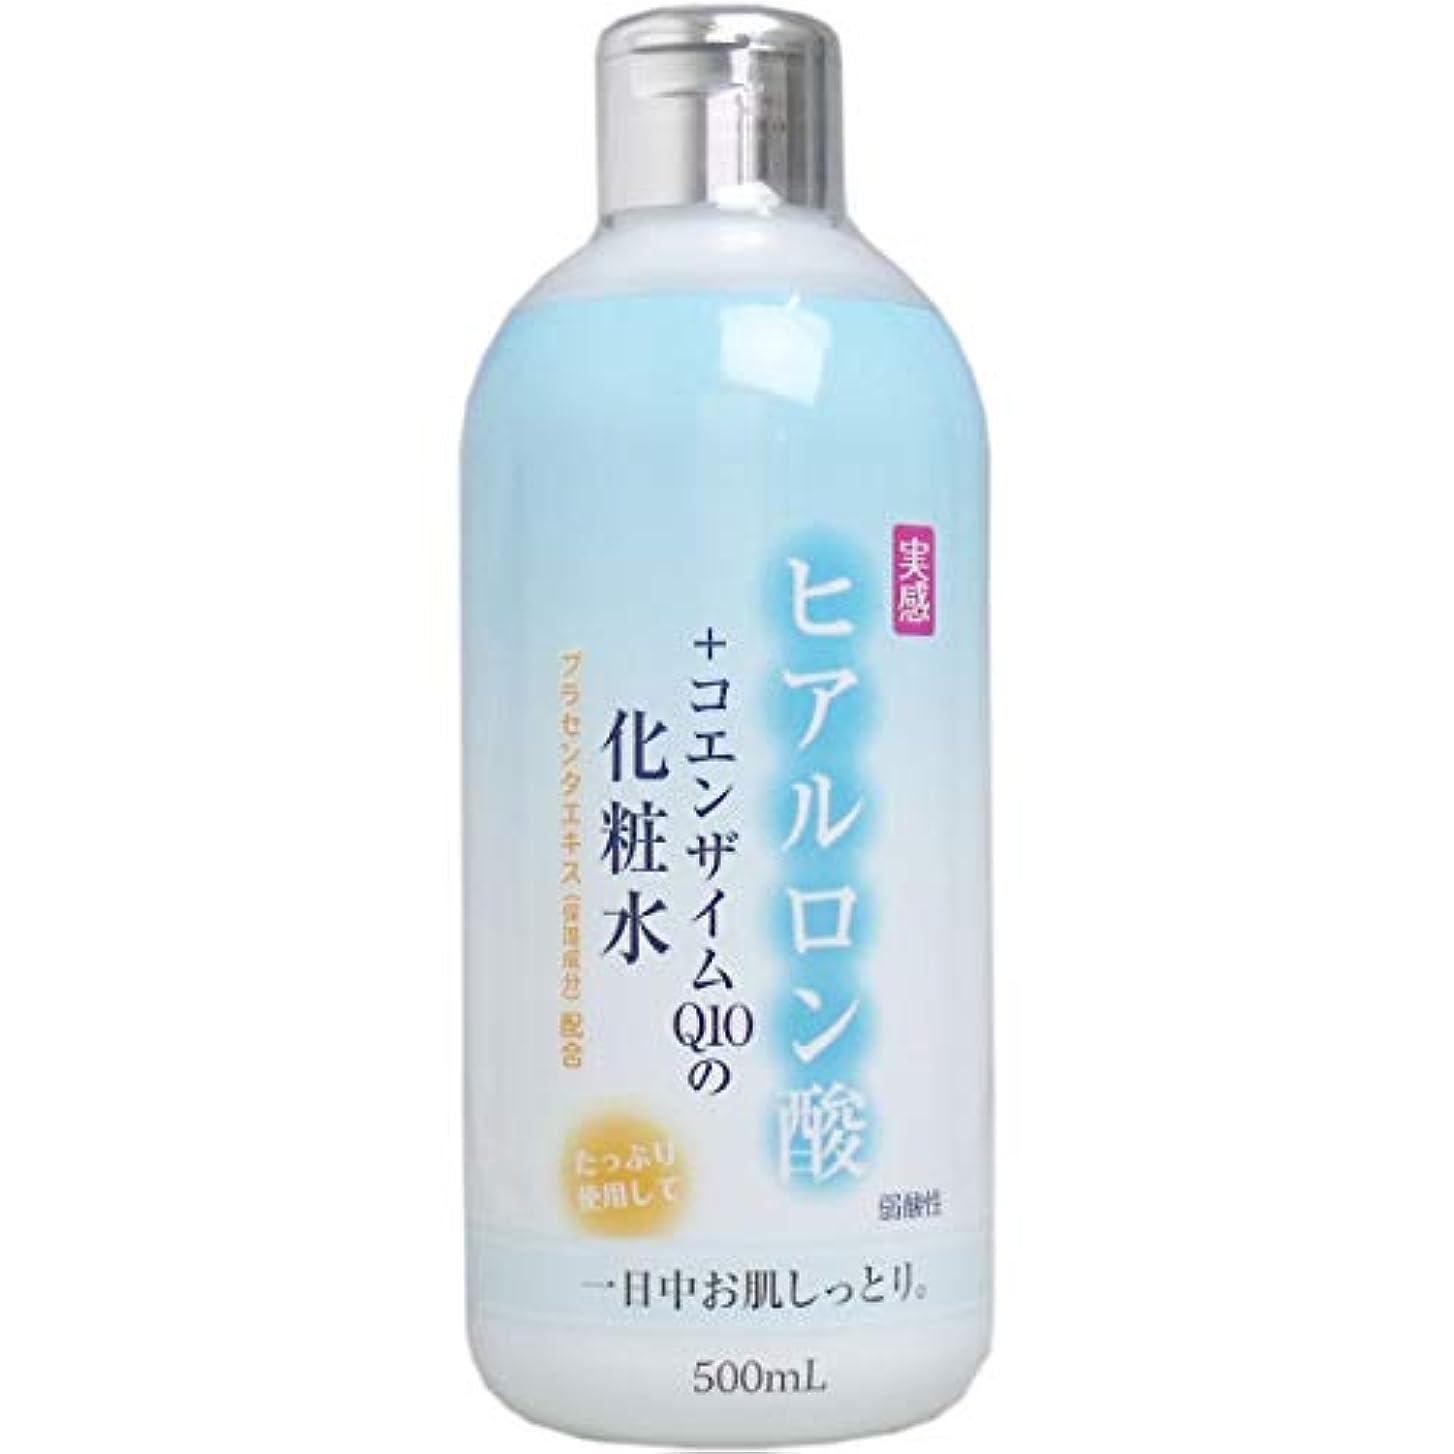 レシピ違法きらめきヒアルロン酸+コエンザイムQ10 化粧水 500mL